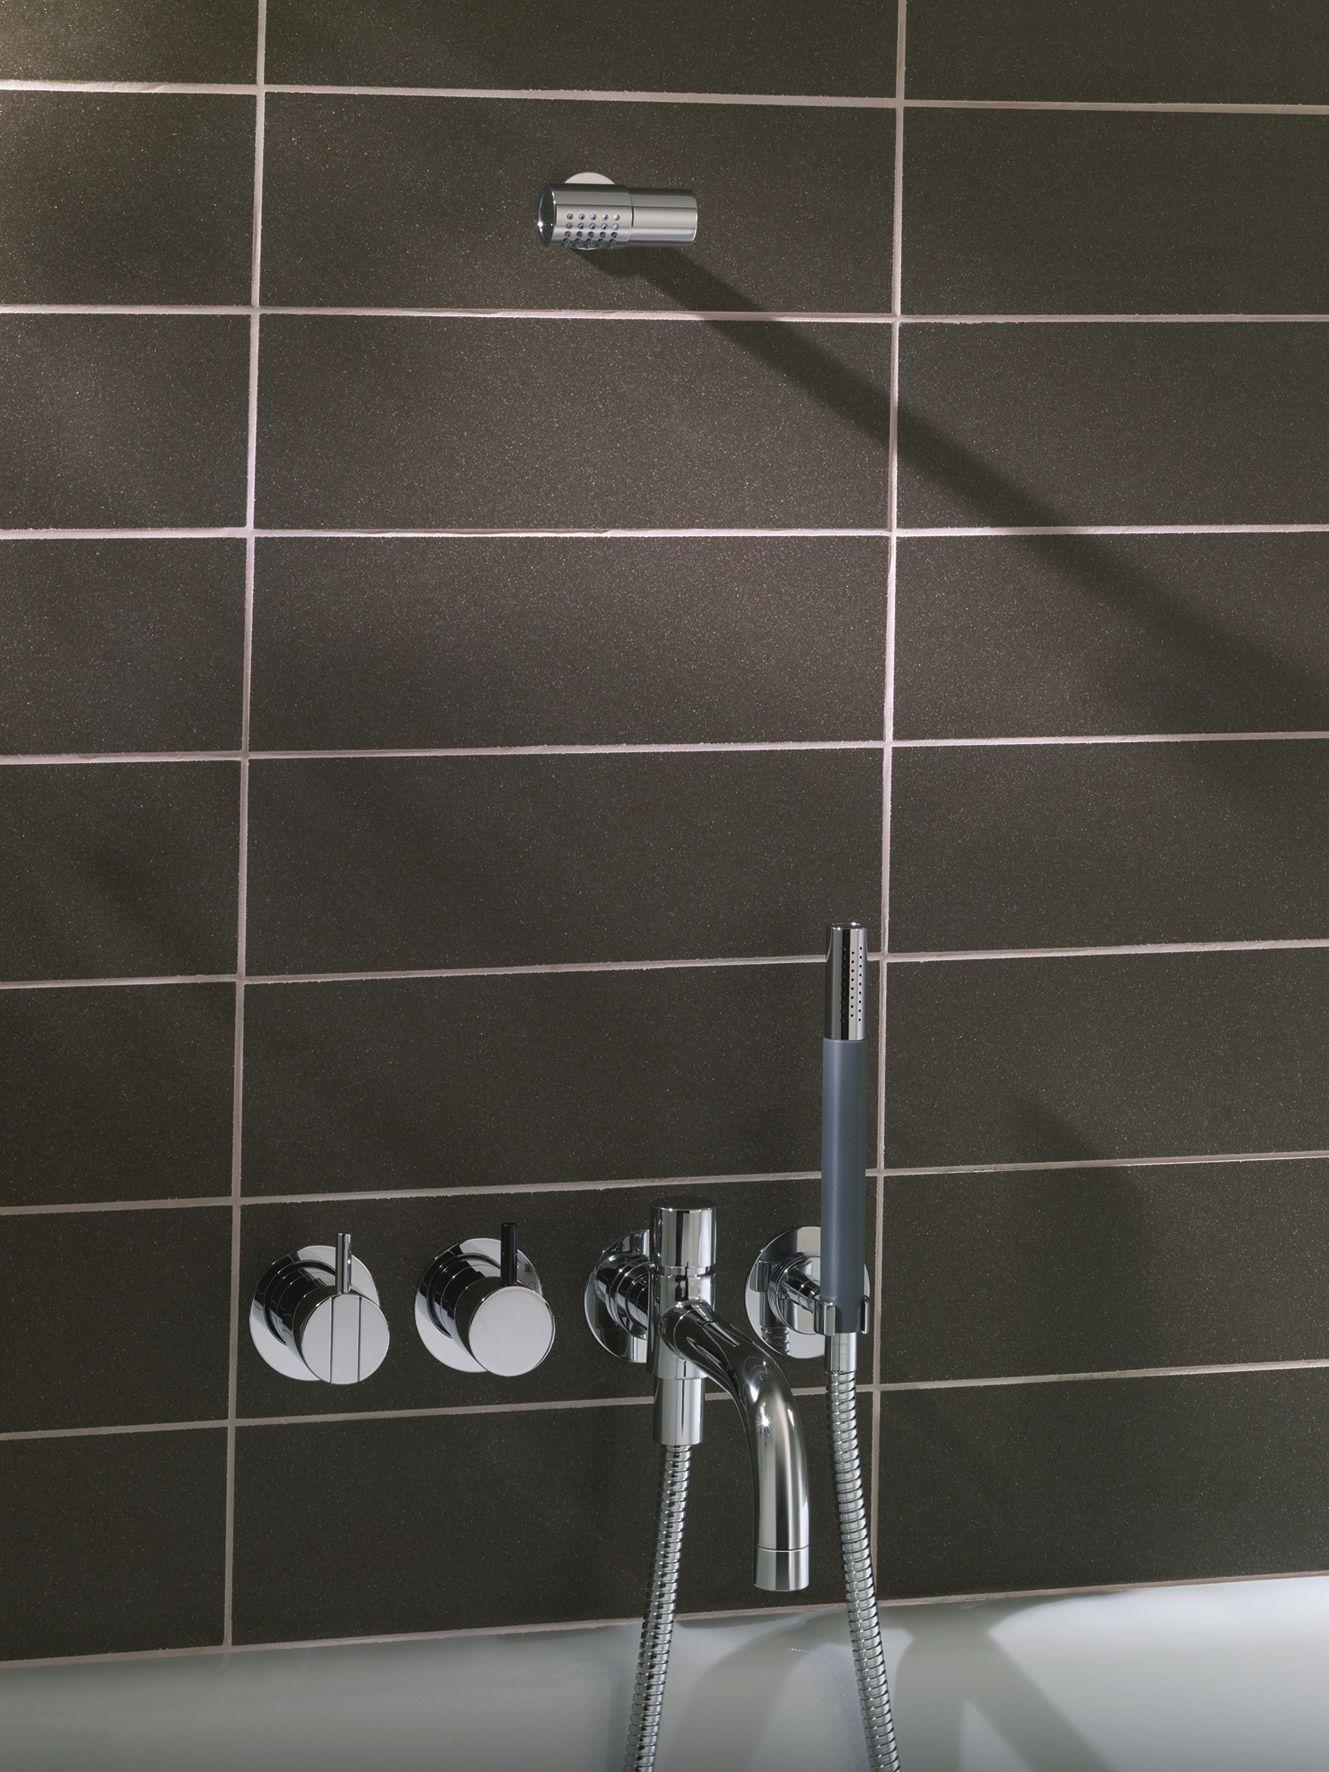 VOLA shower designed by Arne Jacobsen More information in